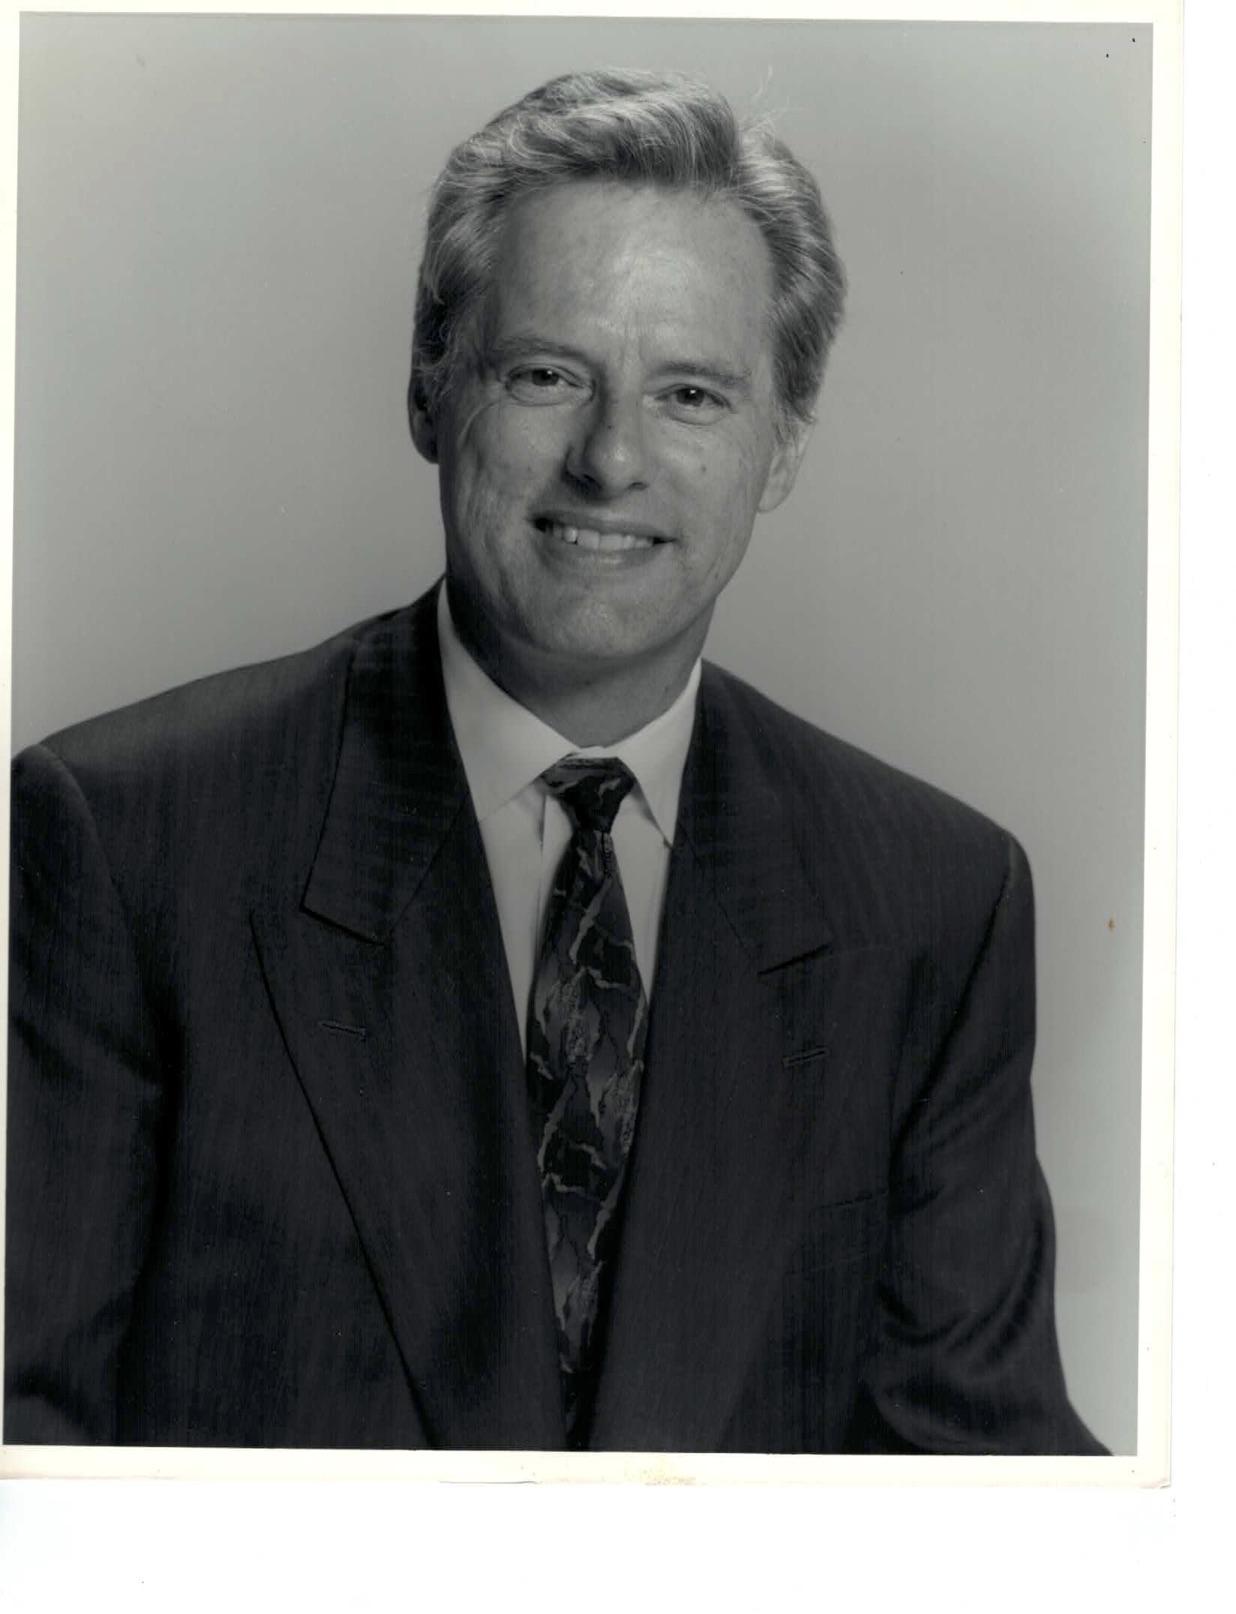 DAVID R. CHAPPEL 1997-98